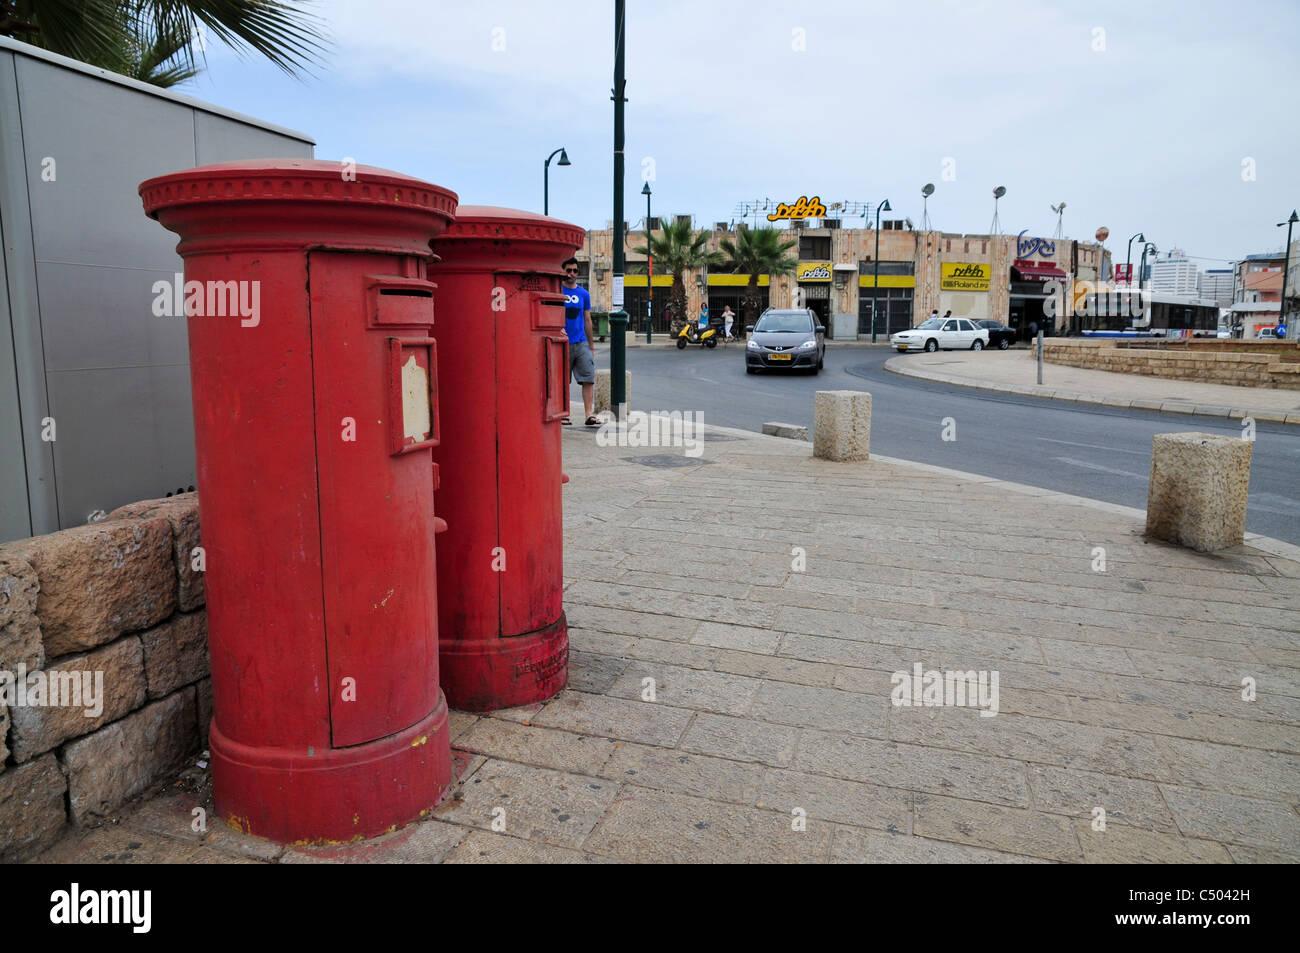 Israel, Jaffa, Israeli Postal service postbox - Stock Image